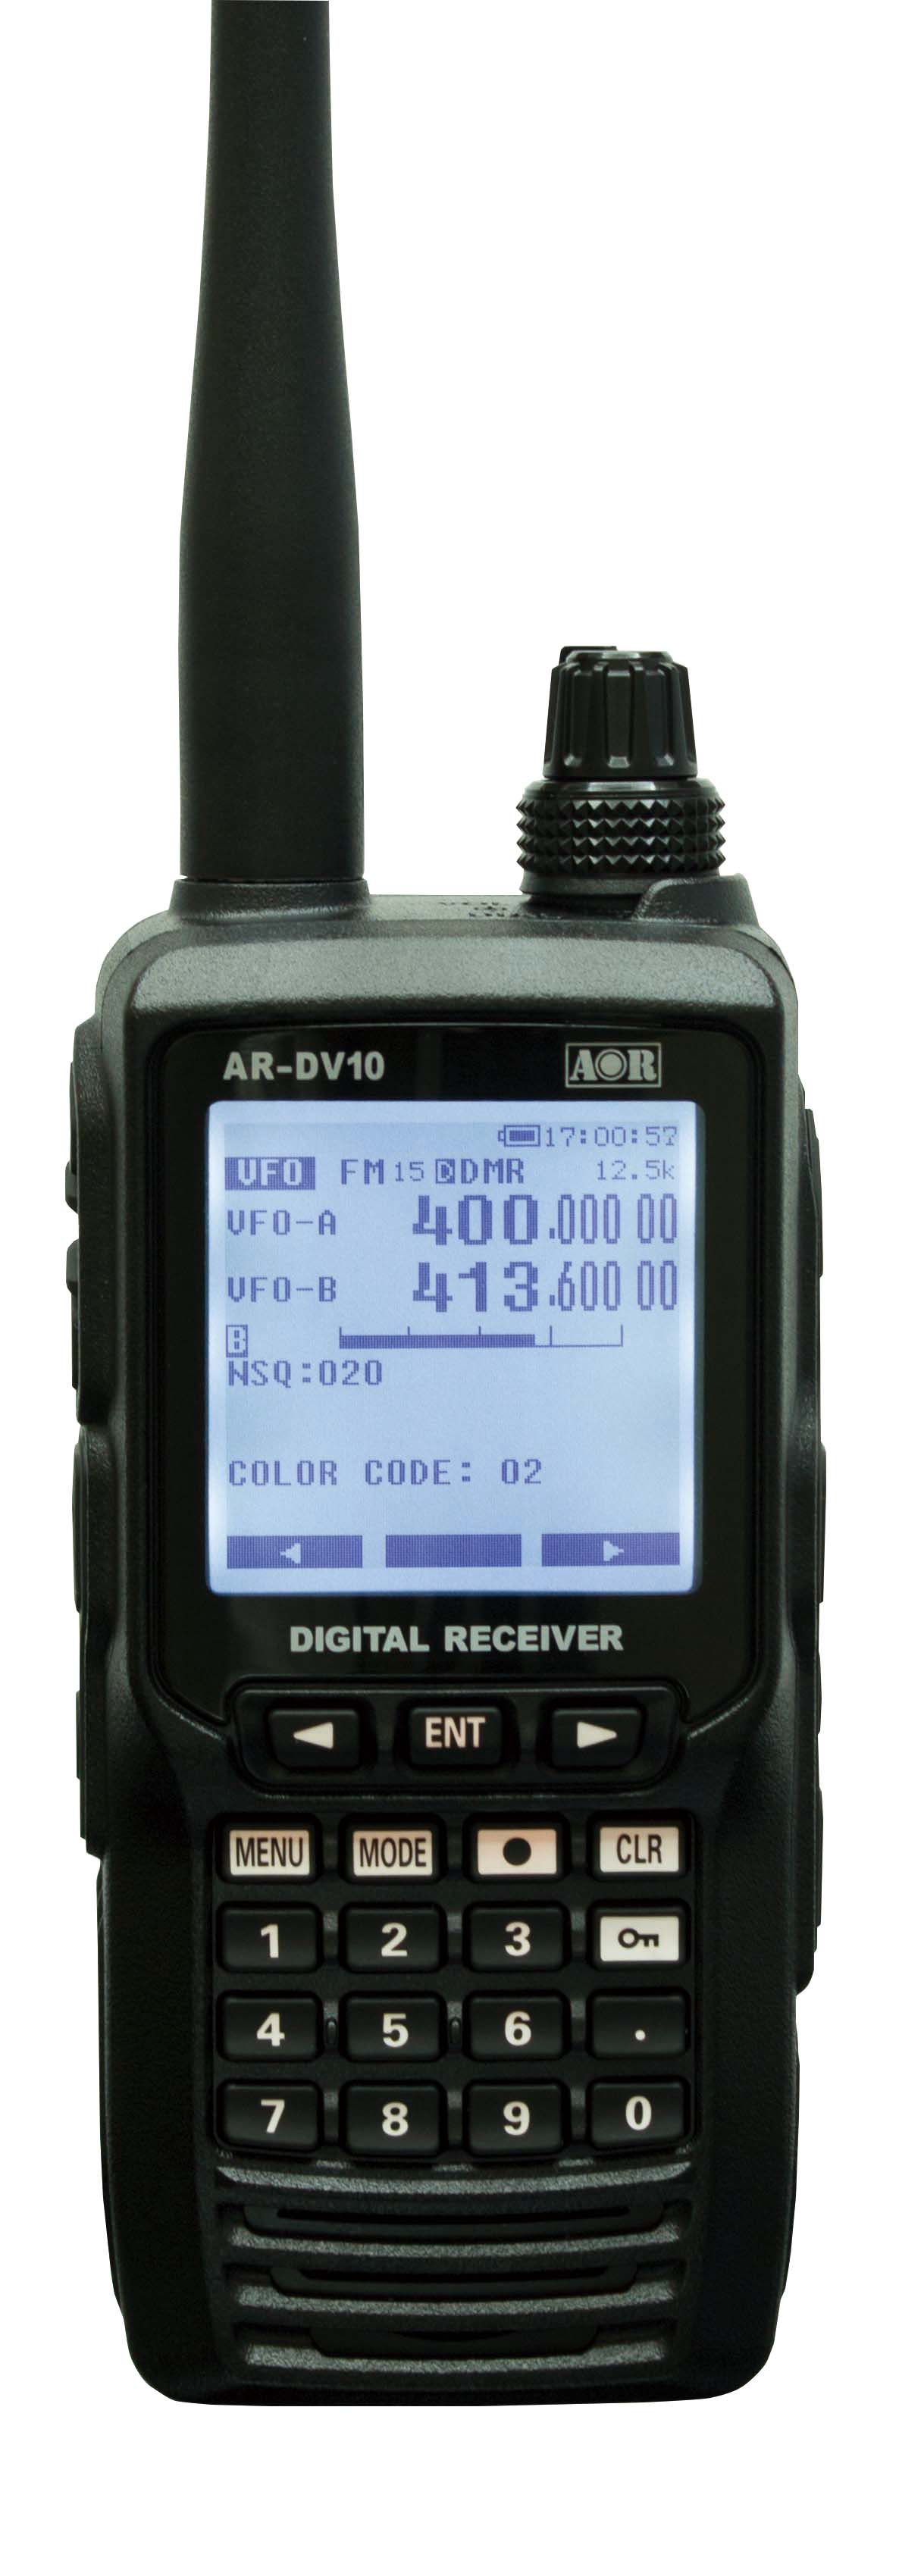 AR-DV10.jpg